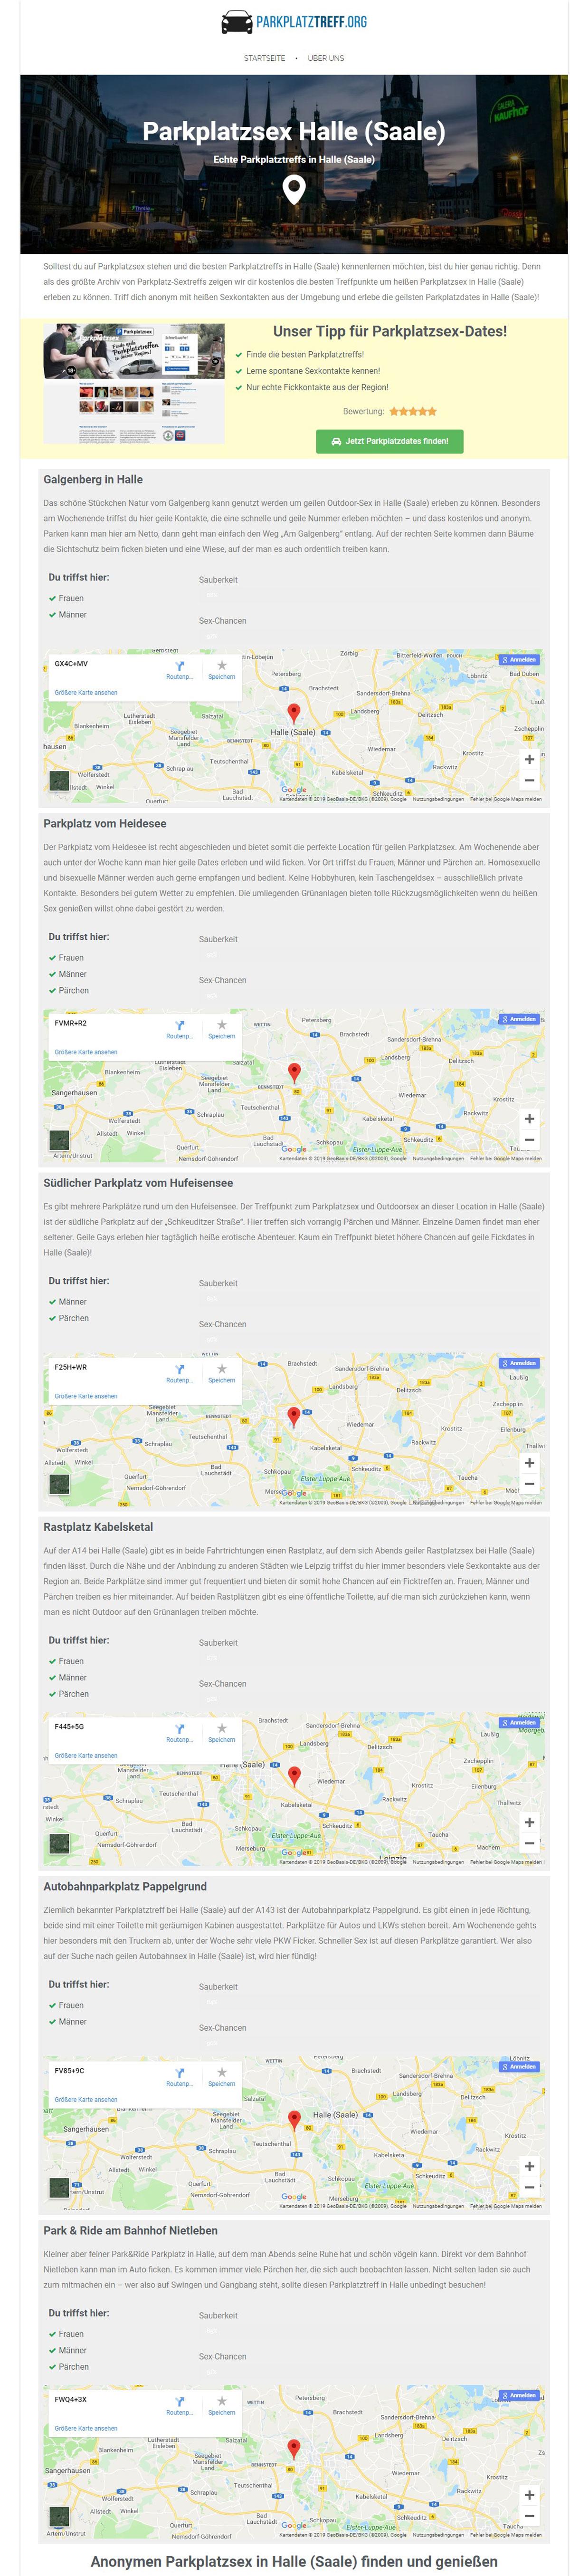 Testbericht zu Parkplatztreff.org - Sextreffpunkte in Sachsen-Anhalt im Detail